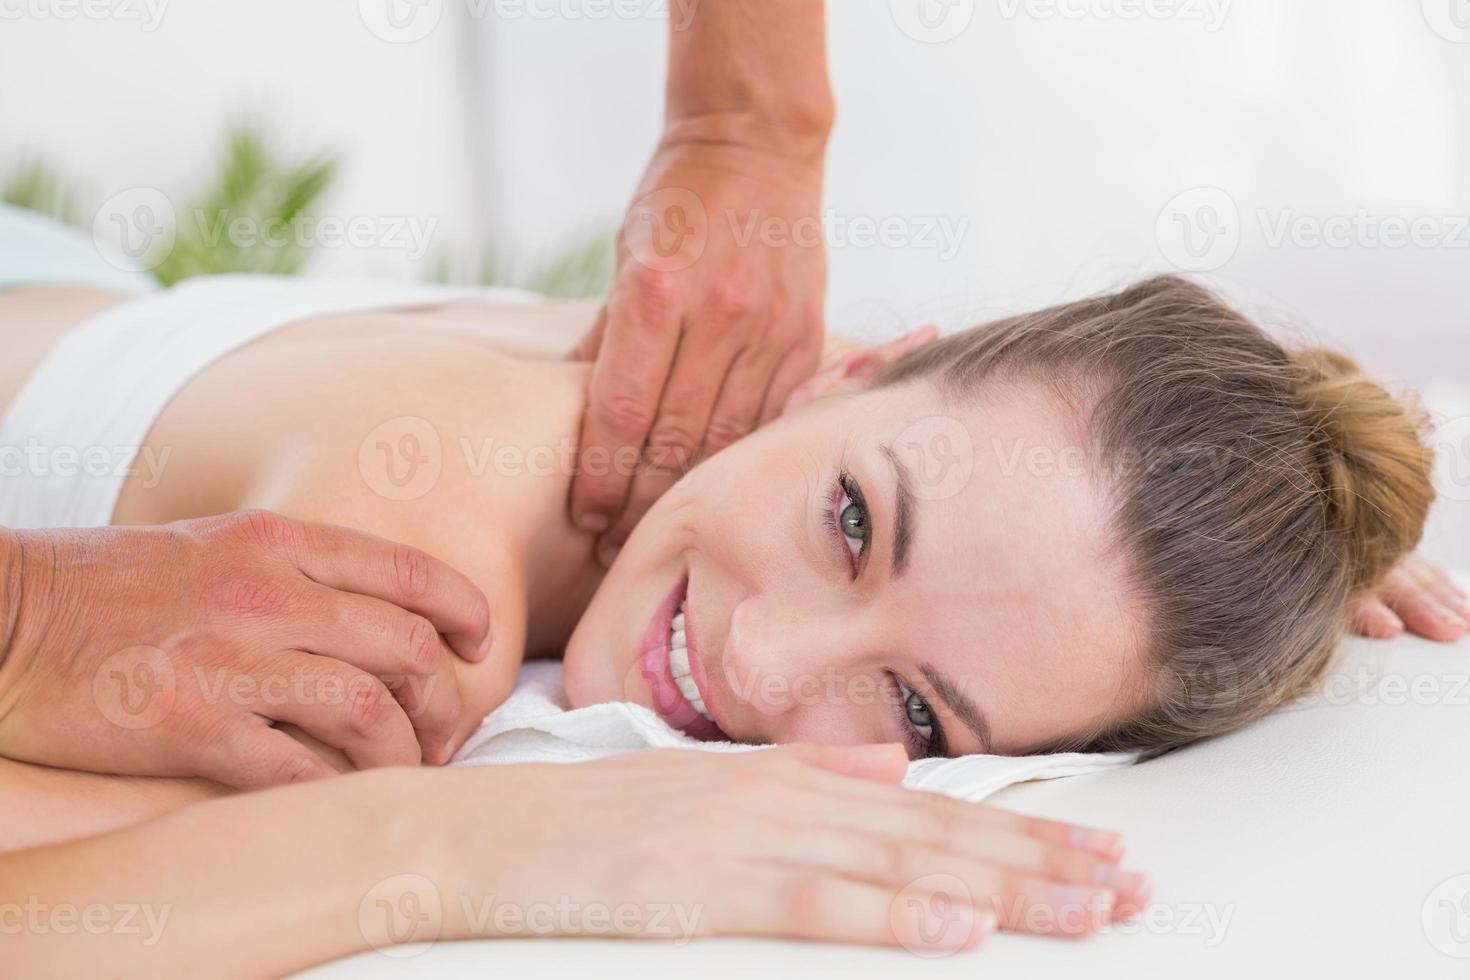 fisioterapeuta haciendo masaje de hombro foto